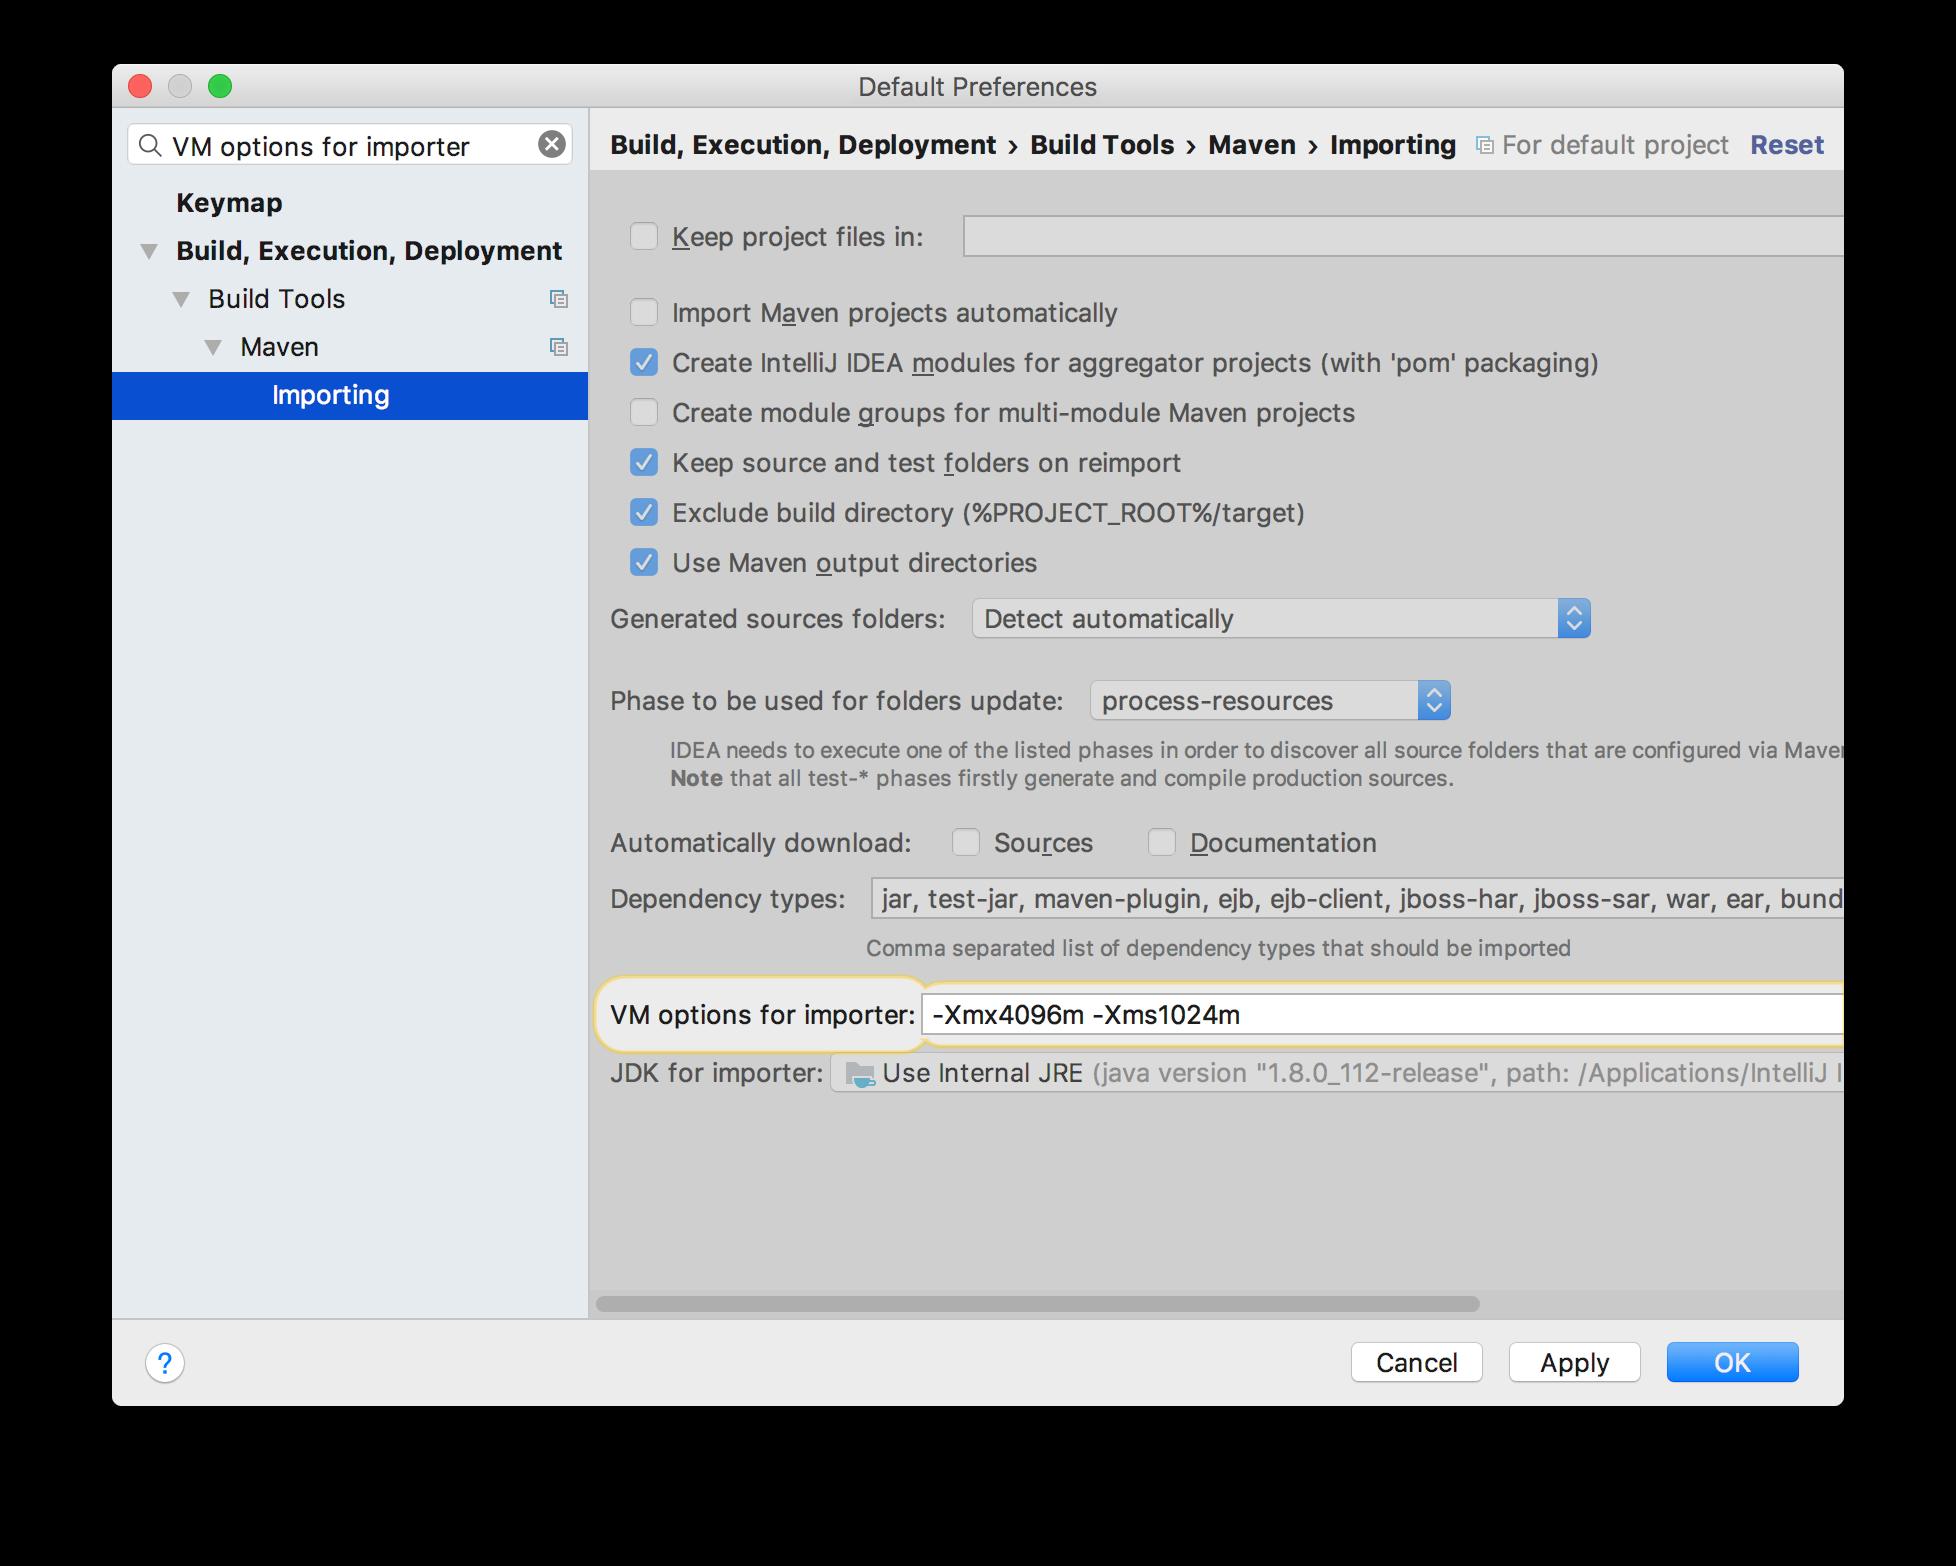 IntelliJ - VM options for importer